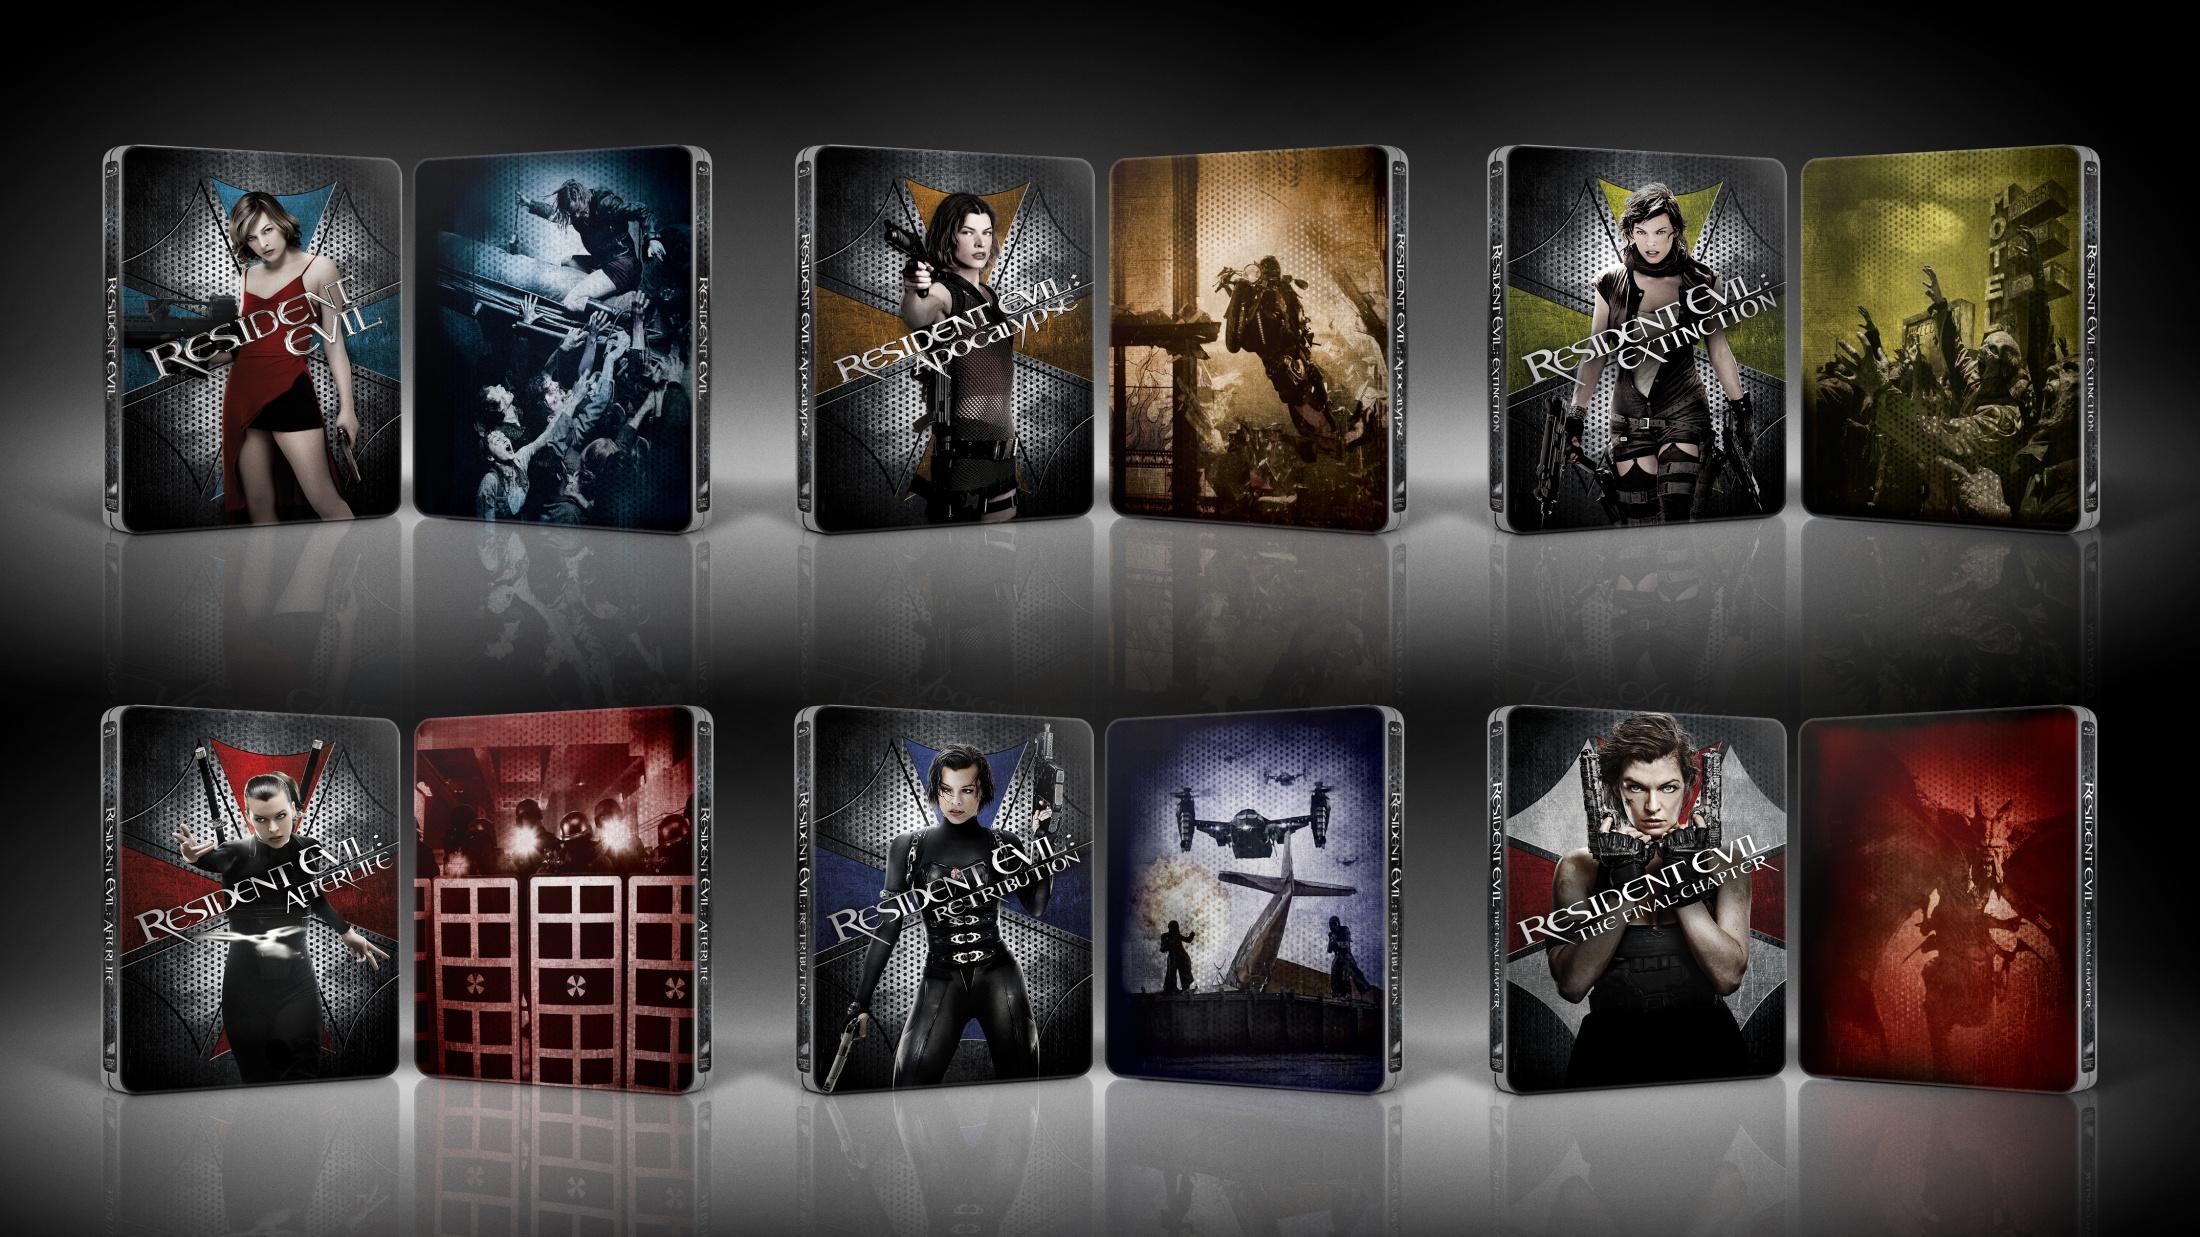 Thumbnail for Resident Evil Steelbook Series